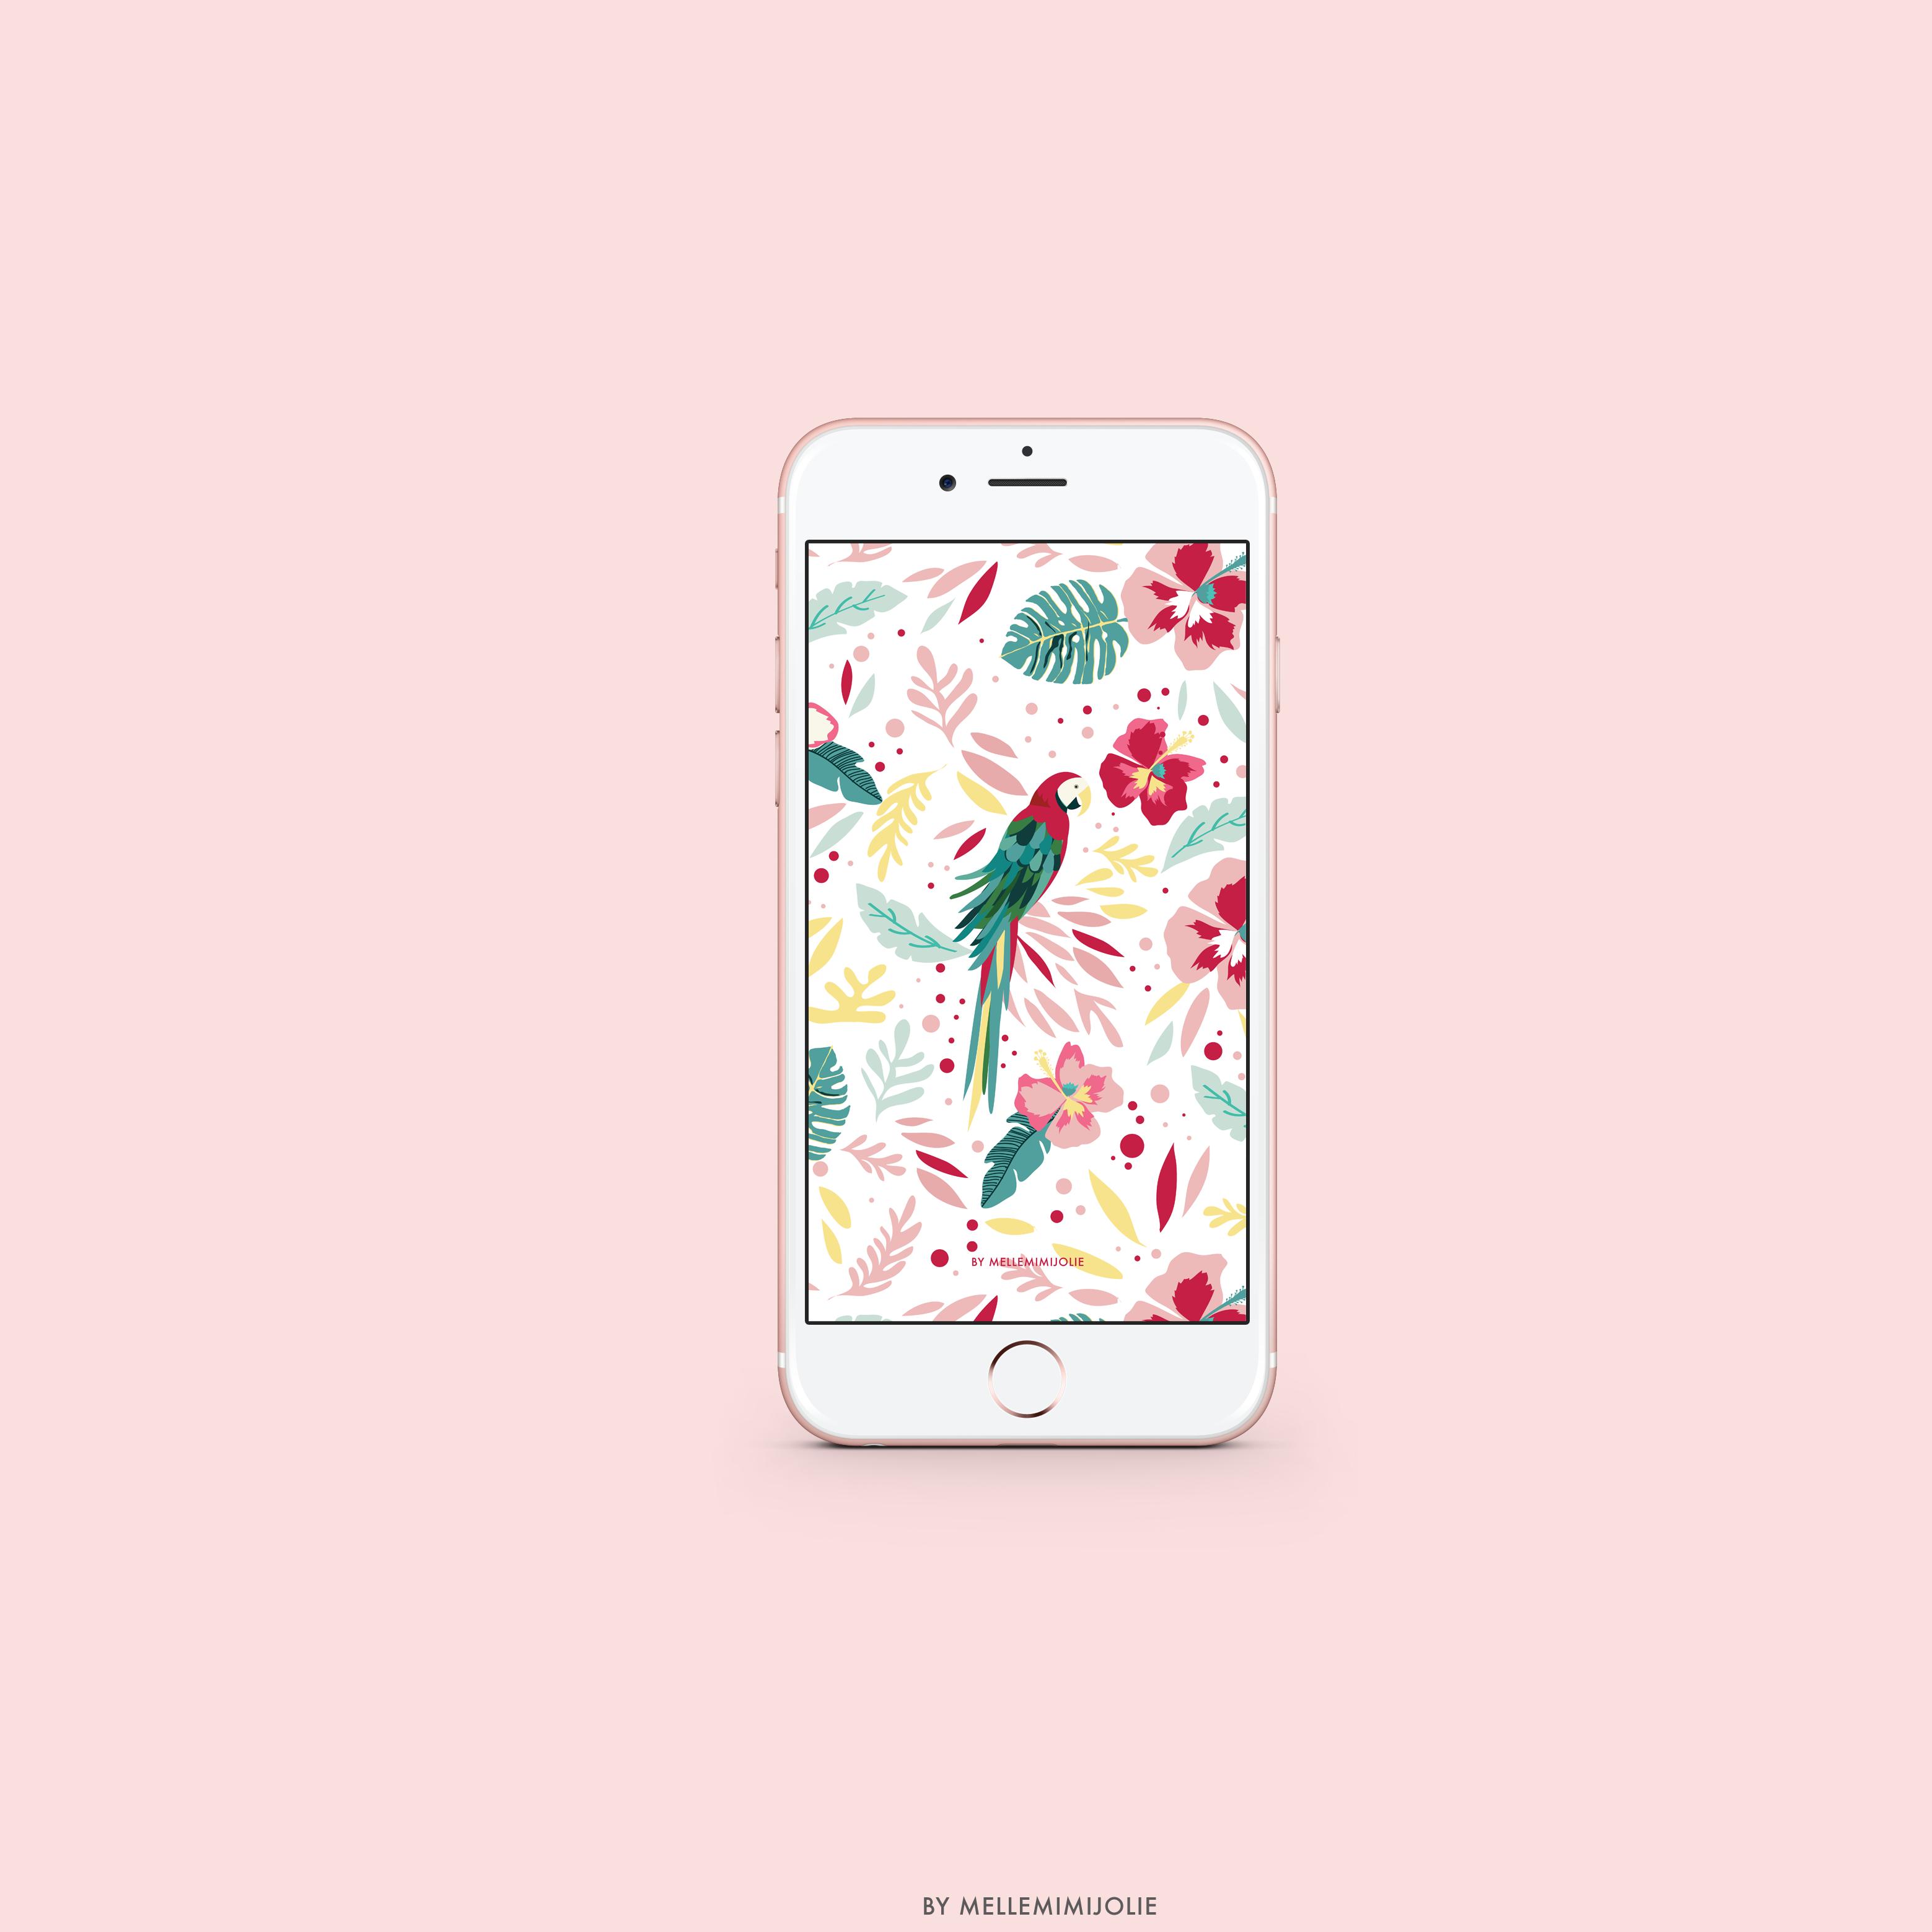 mellemimijolie-wallpaper-perroquet